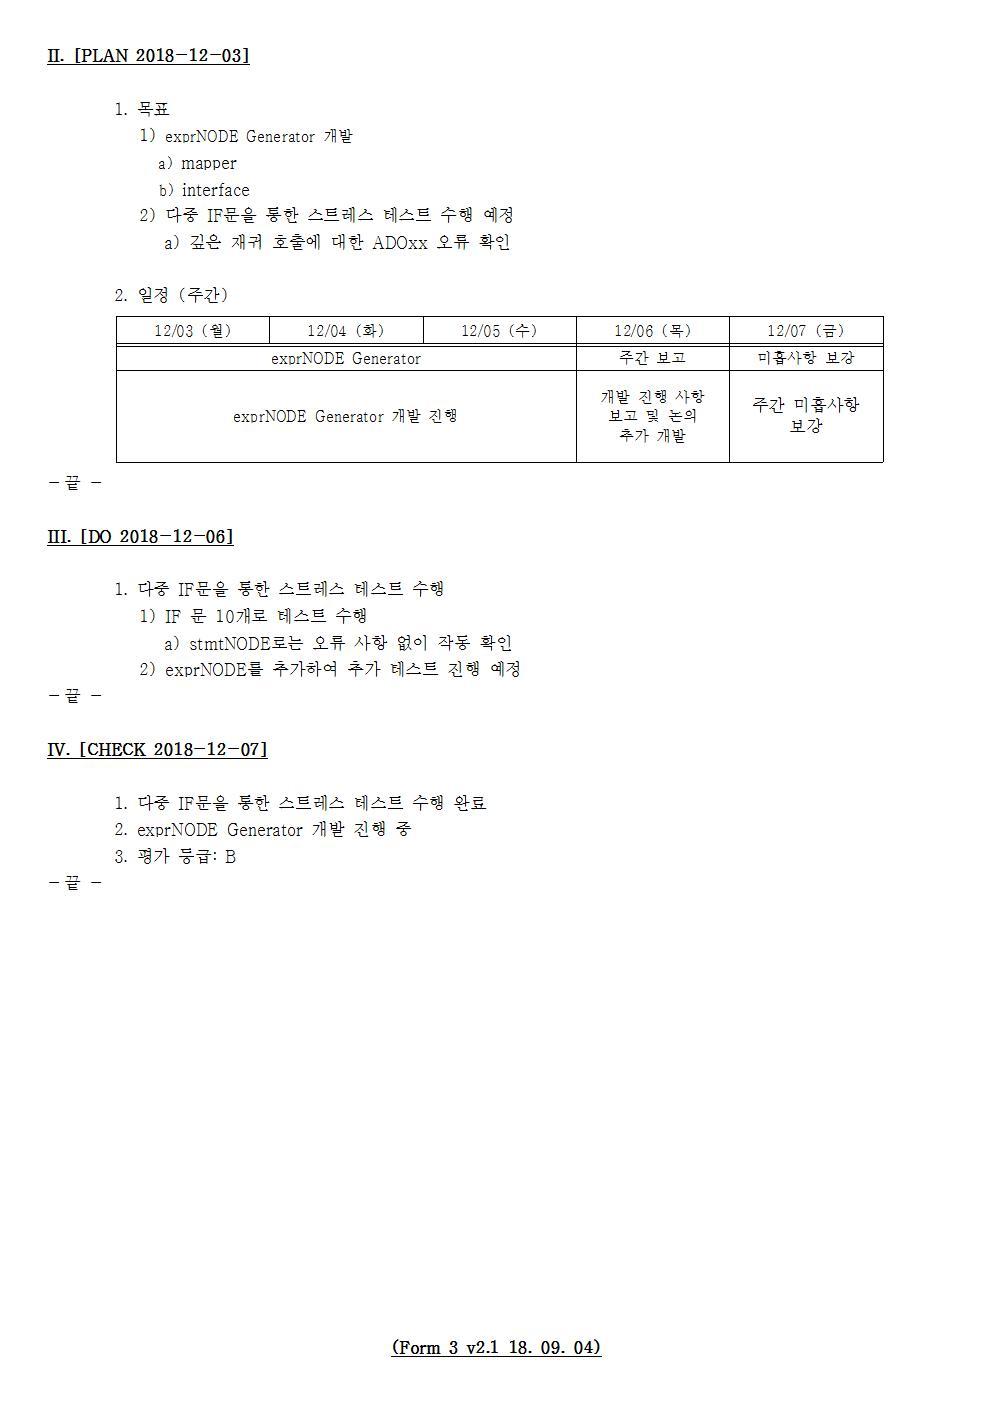 D-[18-003-RD-03]-[SRRE]-[2018-12-07][JS]002.jpg